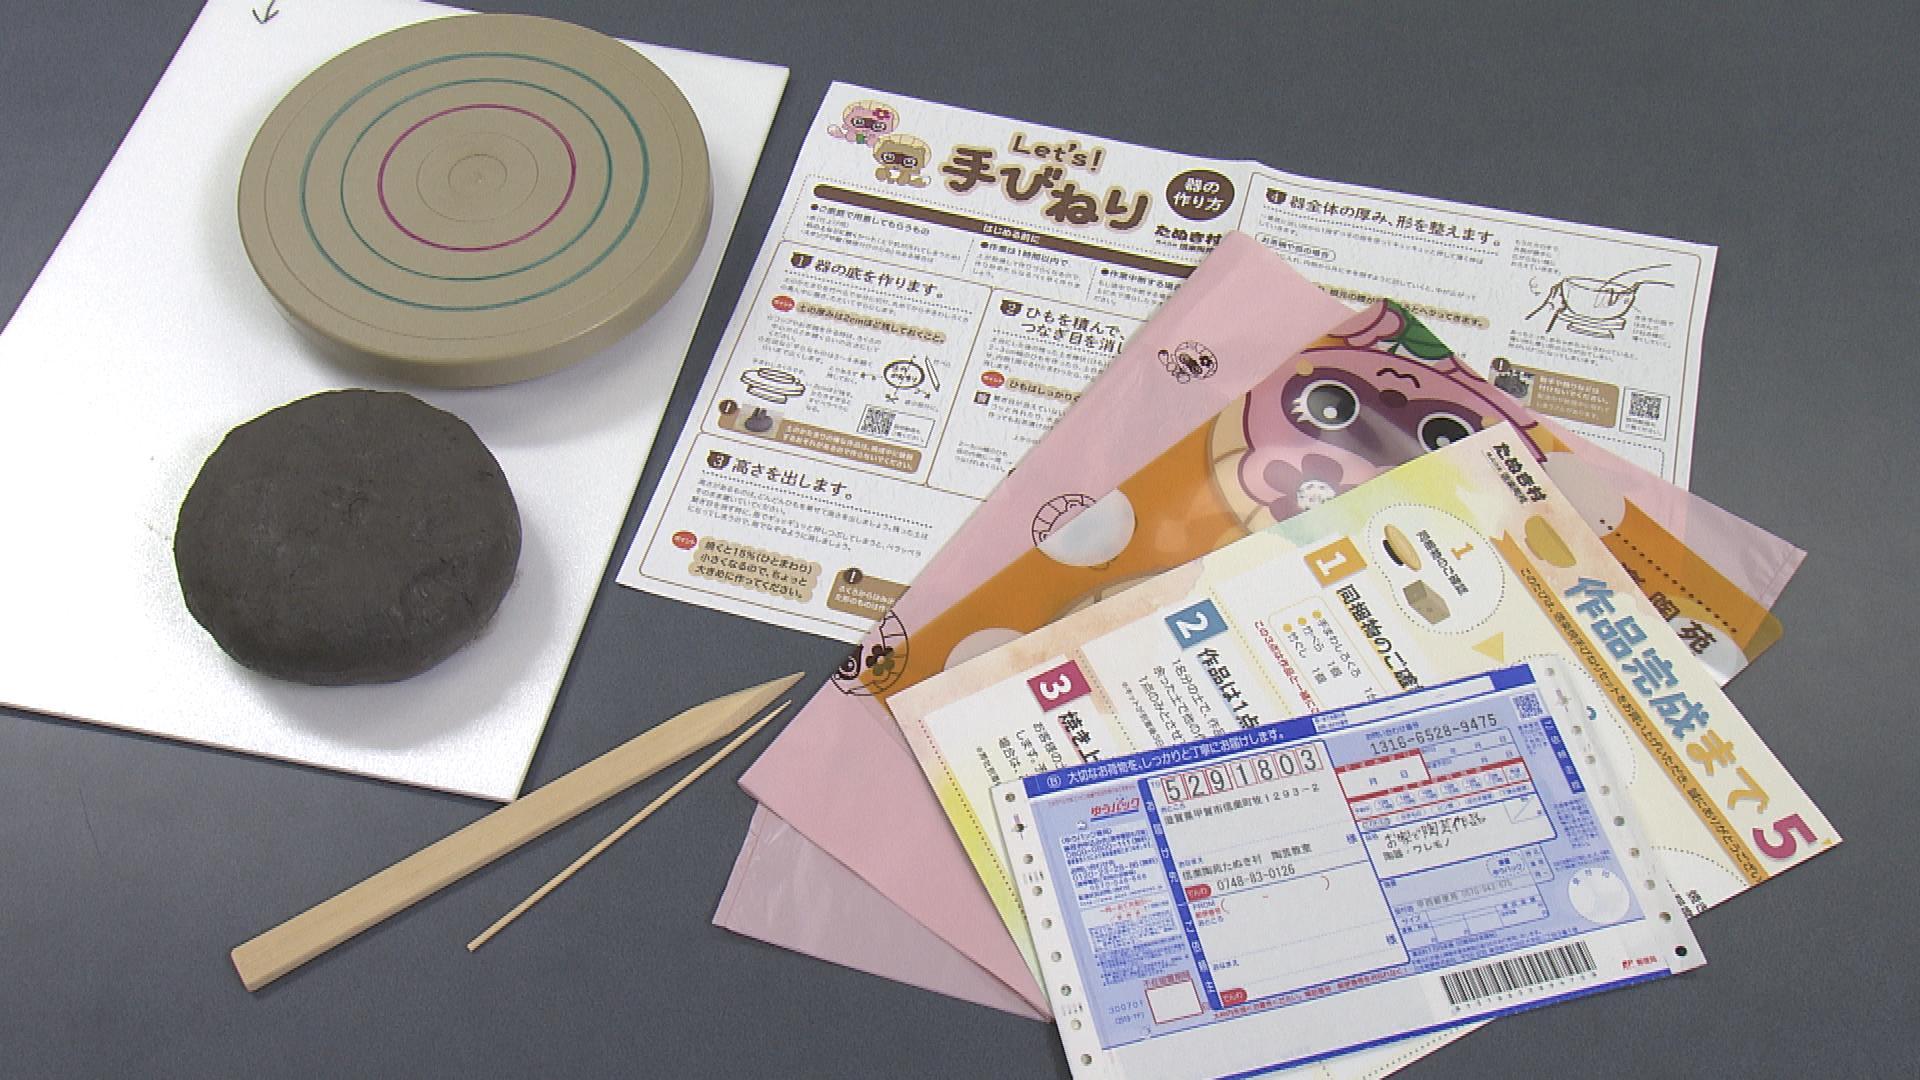 お家で陶芸 信楽焼手びねりキット(5,280円・返送用送料別)